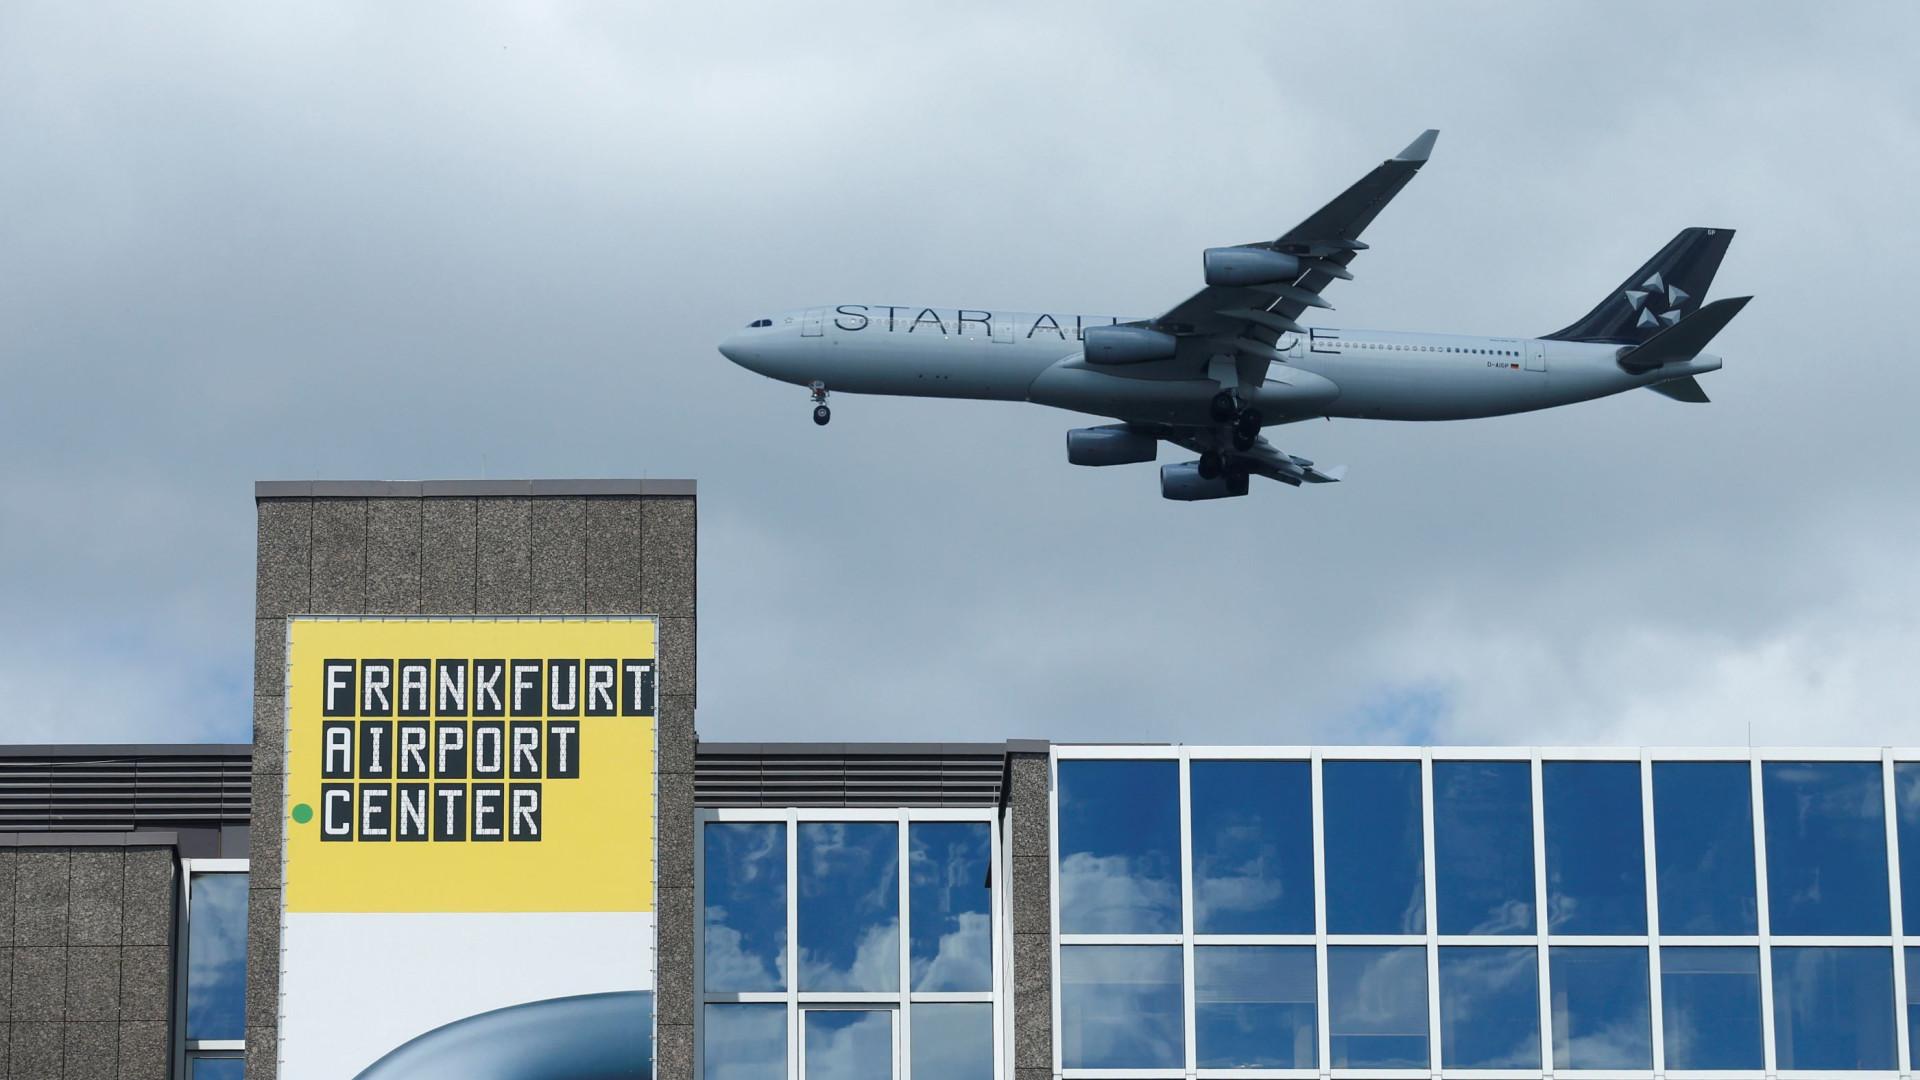 Terminal de aeroporto de Frankfurt reaberto após evacuação